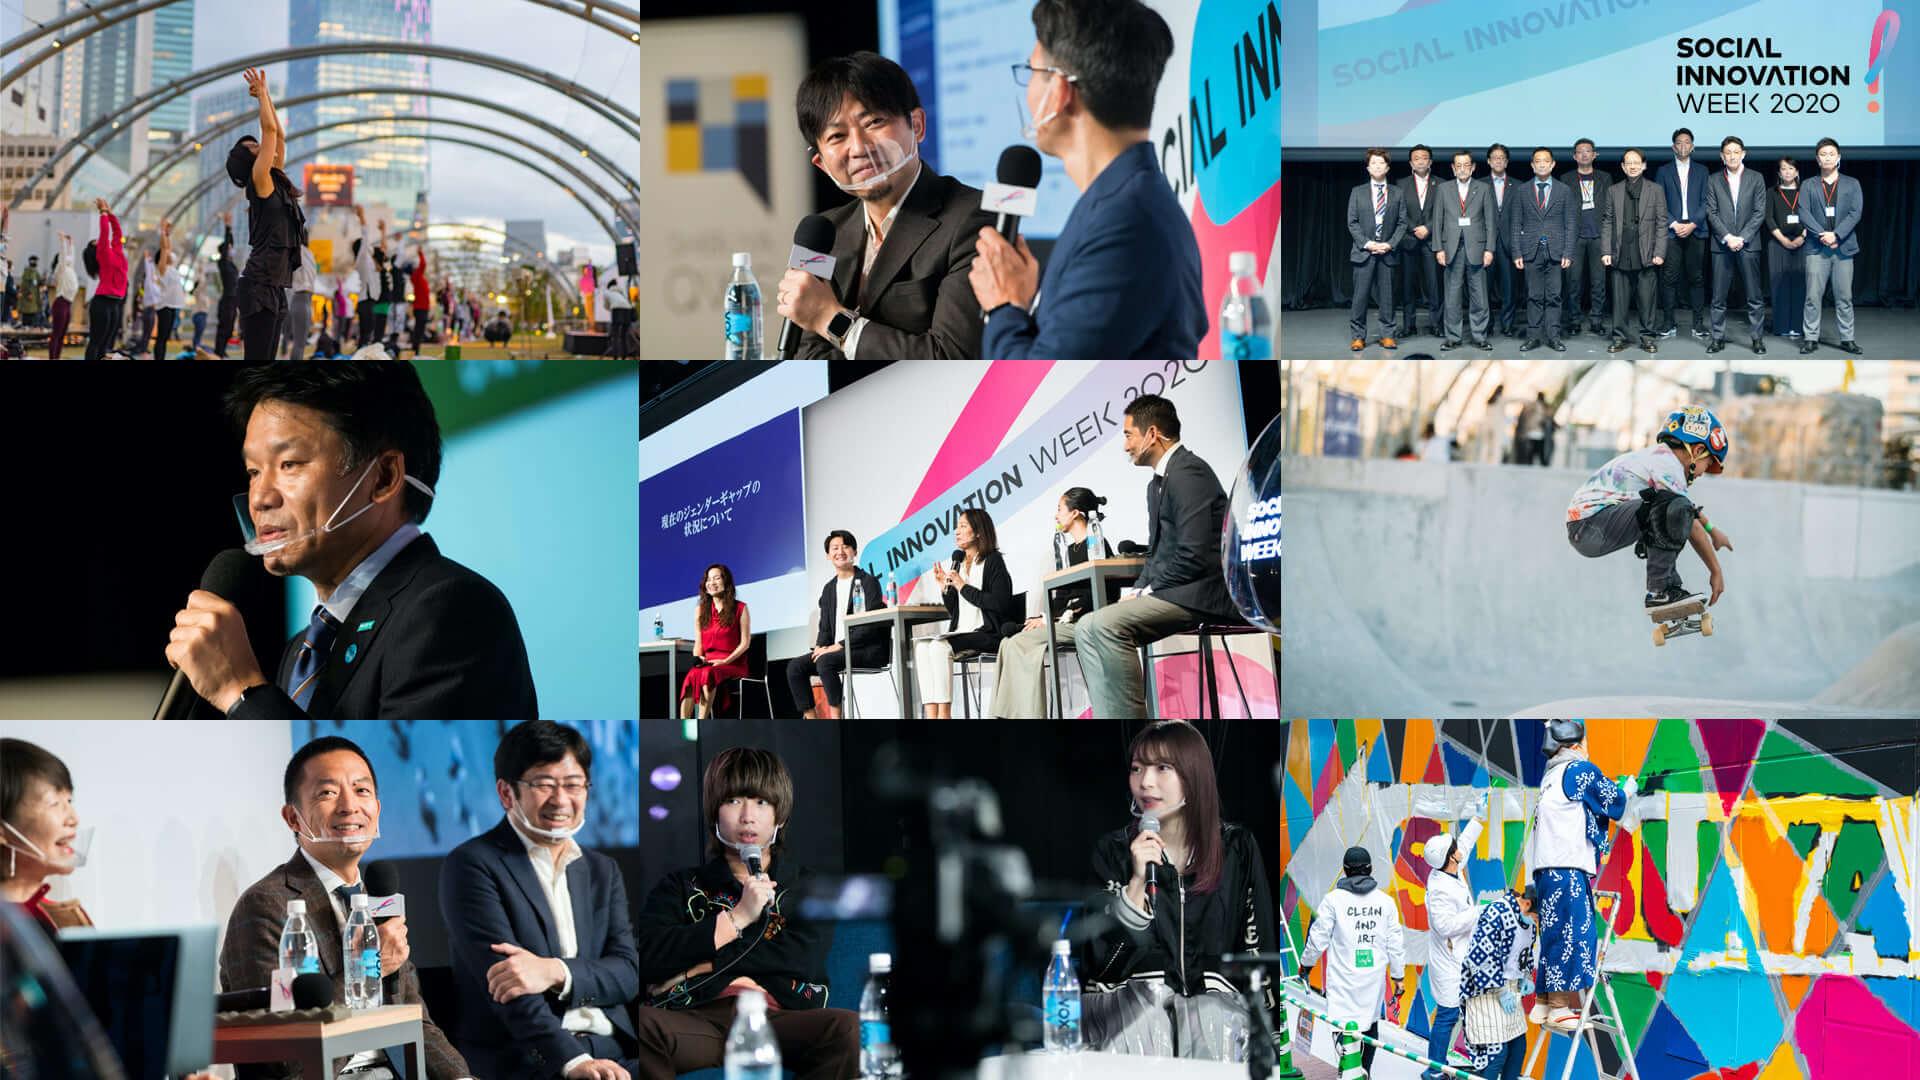 <SOCIAL INNOVATION WEEK SHIBUYA 2020>のアーカイブ動画が無料配信中!レポート記事も公開 art201117_siw_1-1920x1080